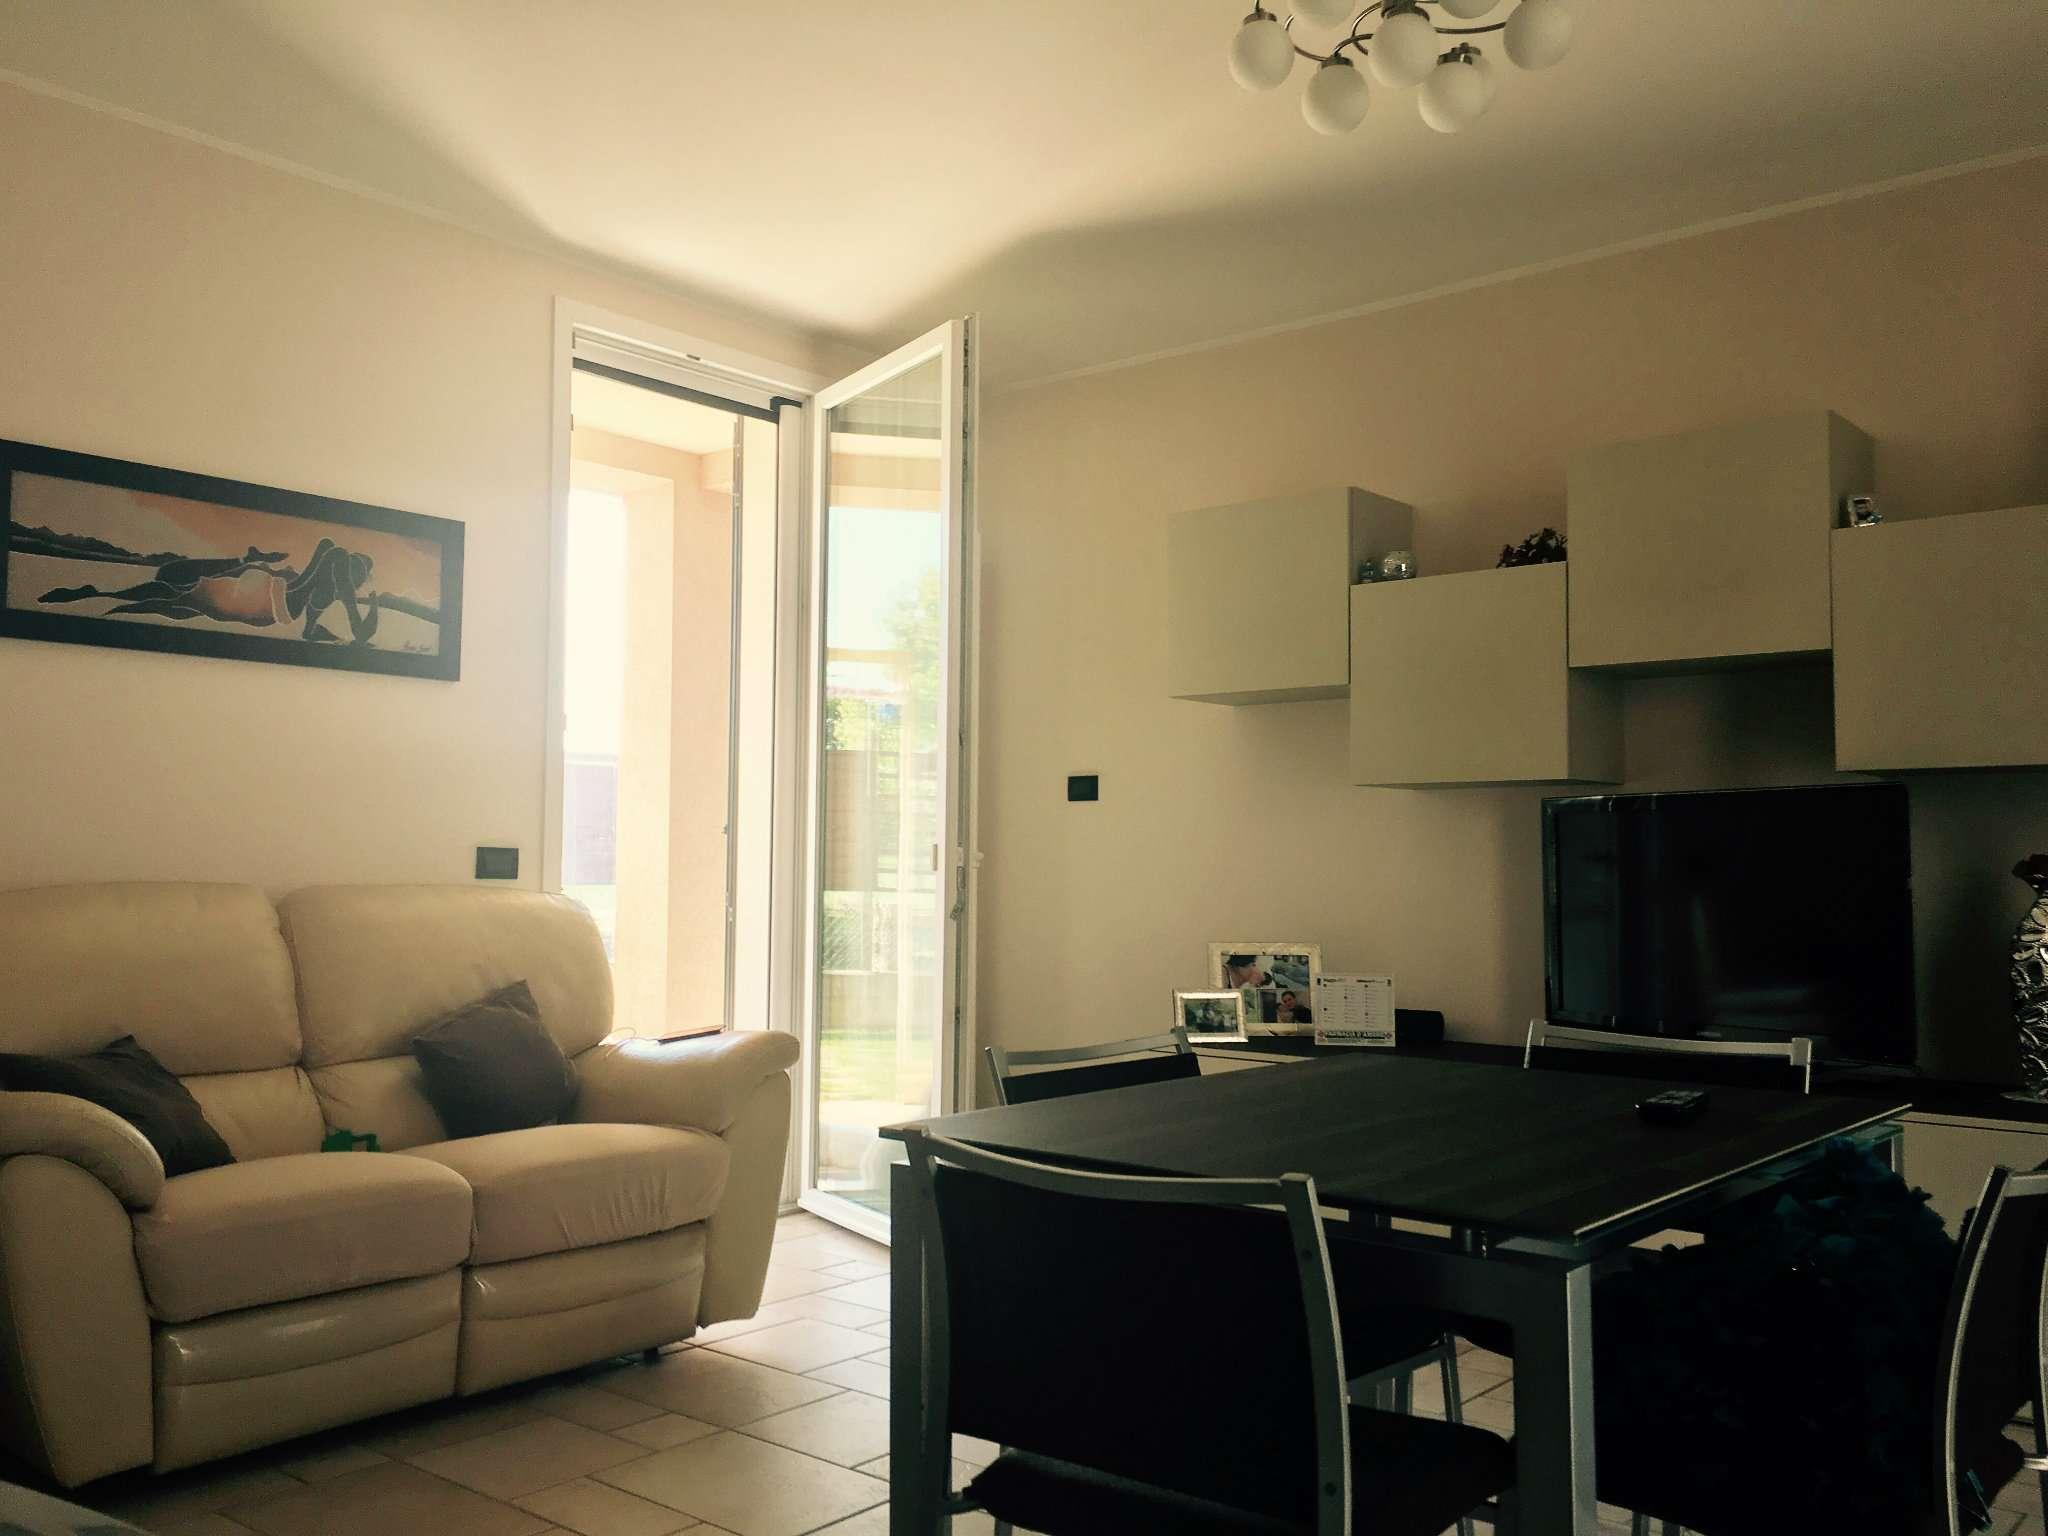 Appartamento in Vendita a Ravenna Periferia: 3 locali, 76 mq